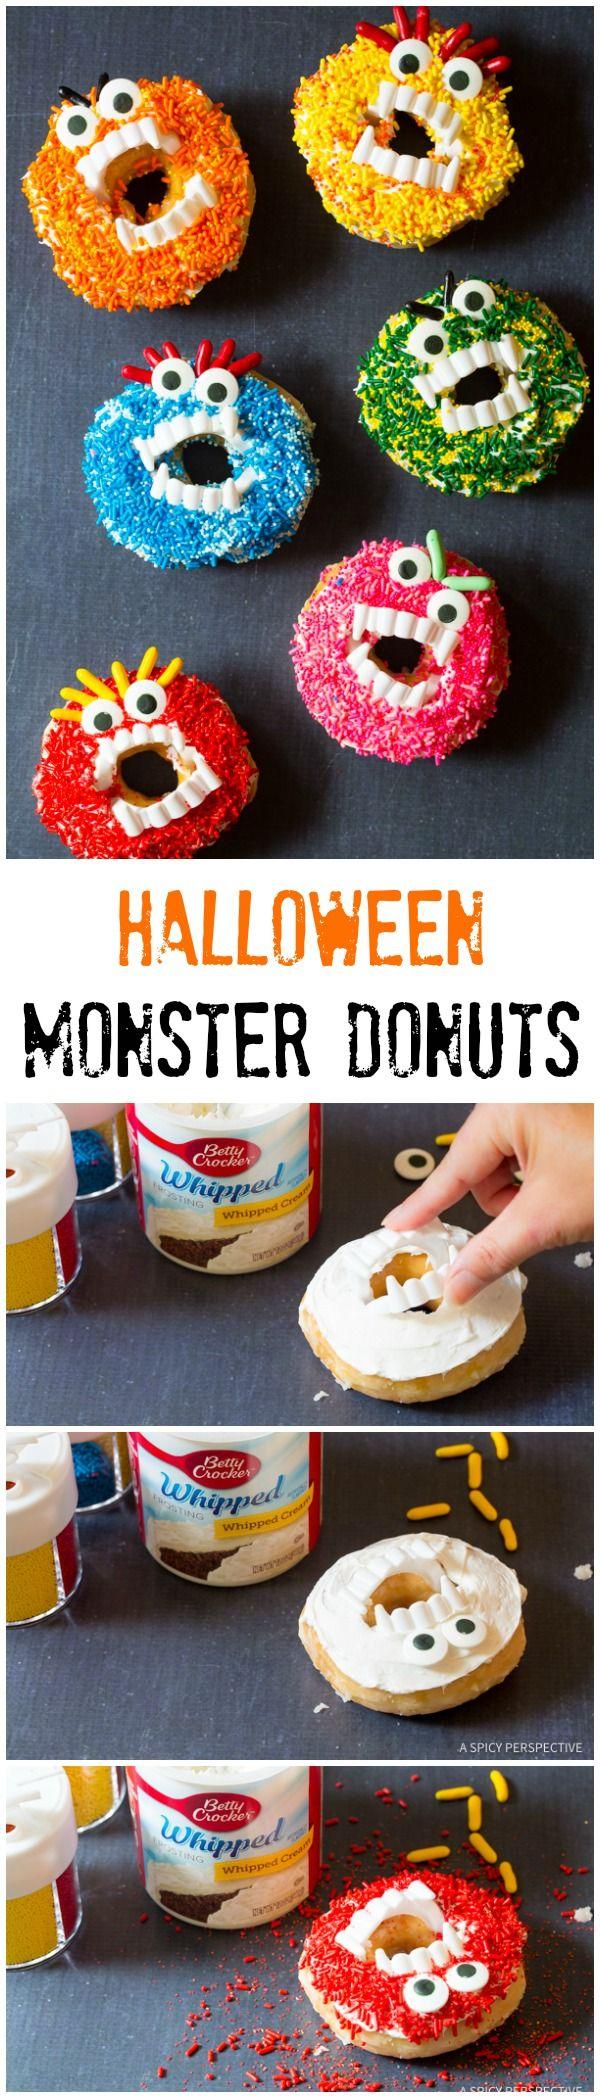 Kid-Friendly Halloween Monster Donuts | ASpicyPerspective.com via @spicyperspectiv